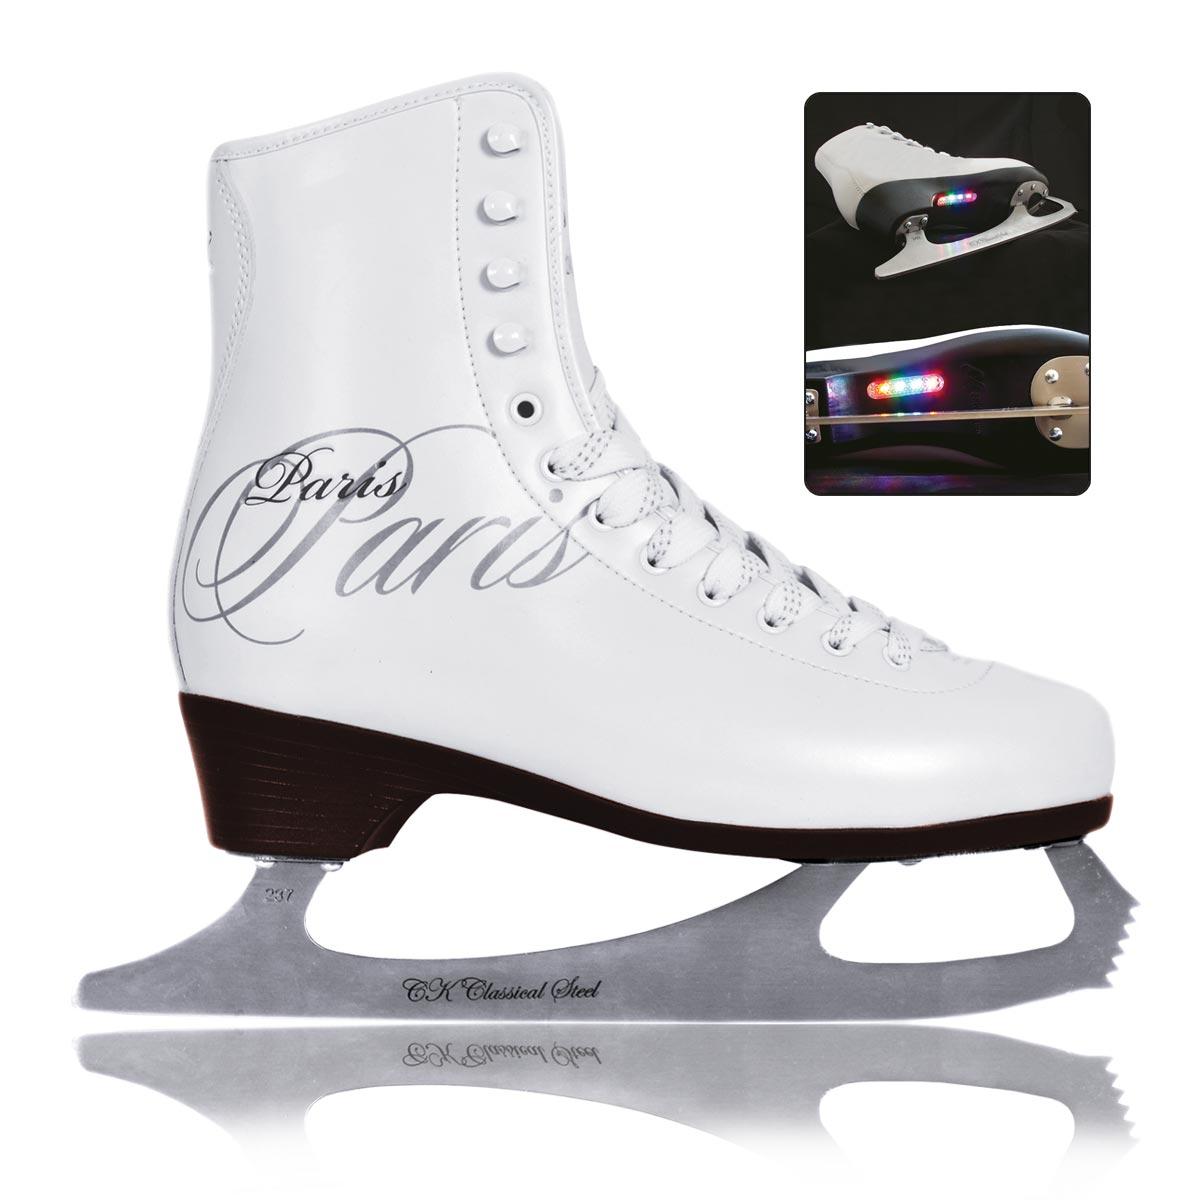 Коньки фигурные для девочки CK Paris Lux Tricot, цвет: белый. Размер 32PARIS LUX tricot_белый_32